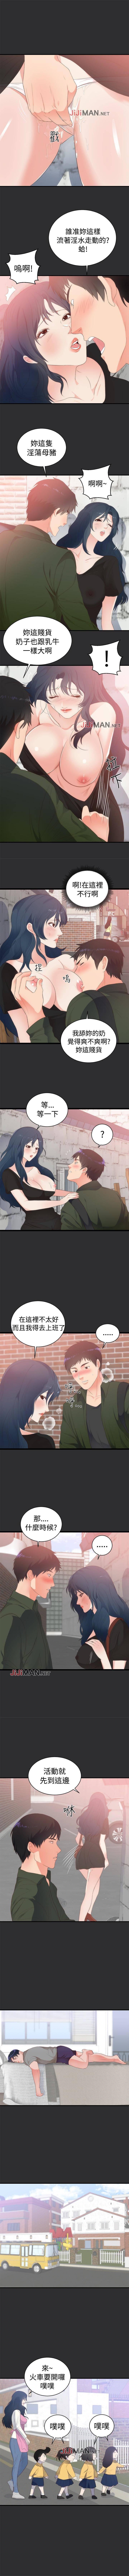 【已完结】性癖好(作者:主寧 & 洗髮精) 第1~30话 8